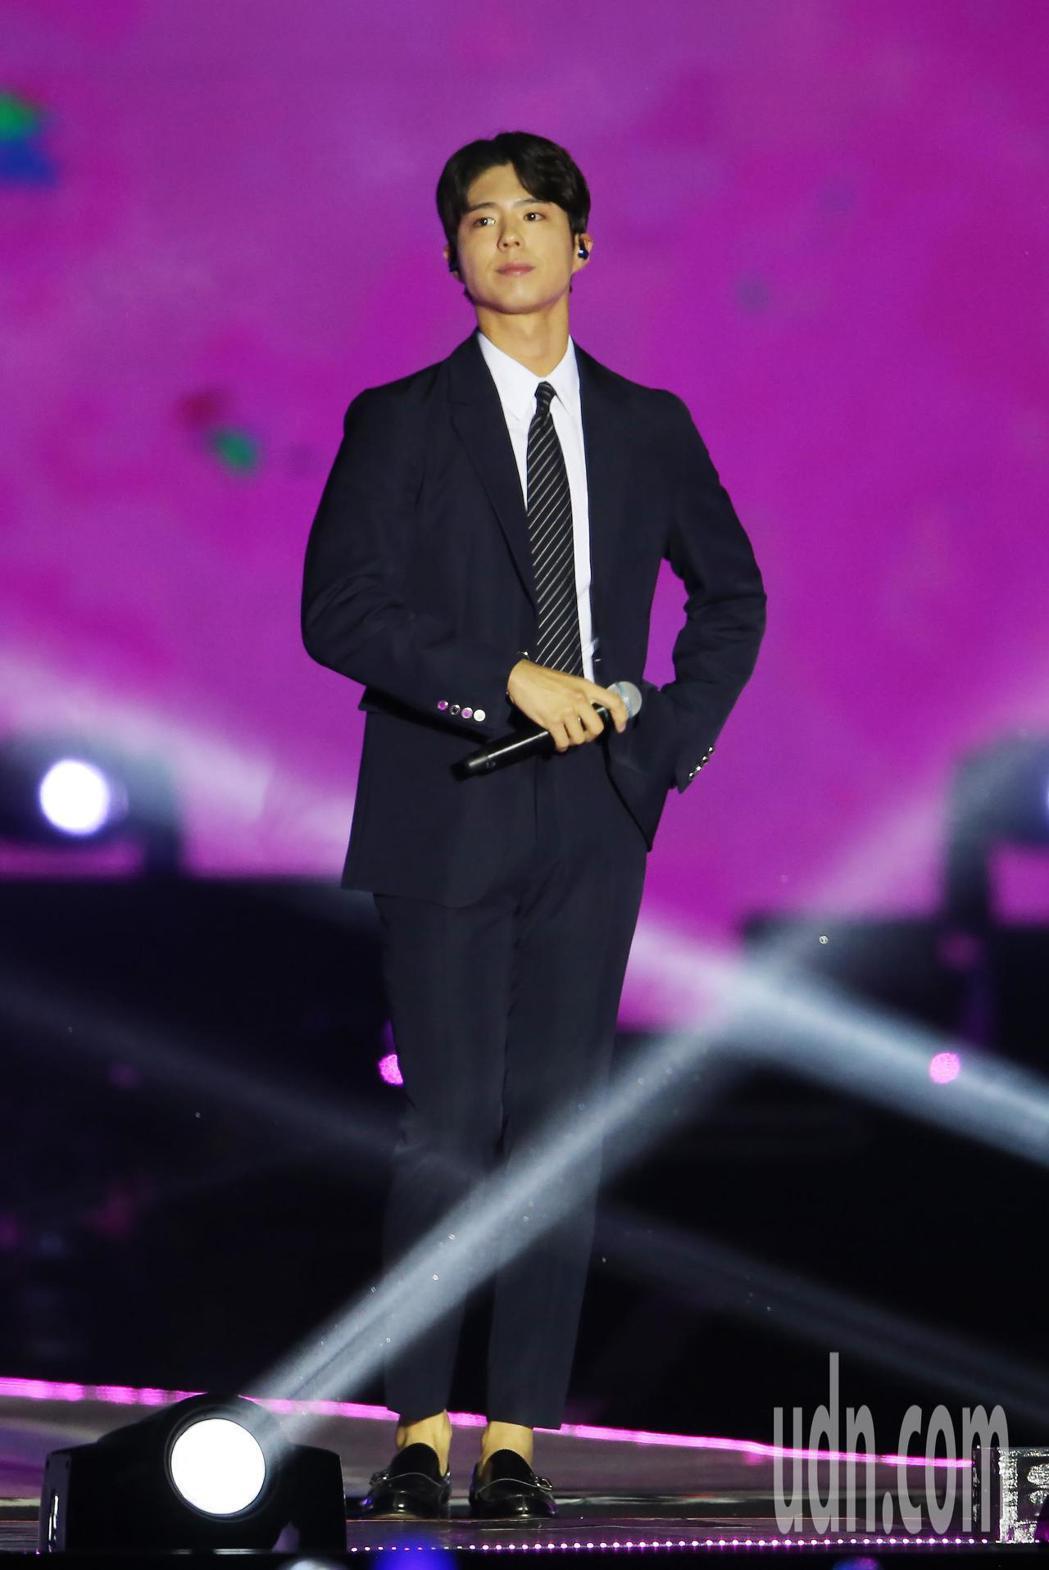 南韓藝人朴寶劍(圖)晚間在南港展覽館舉辦粉絲見面會。記者許正宏/攝影